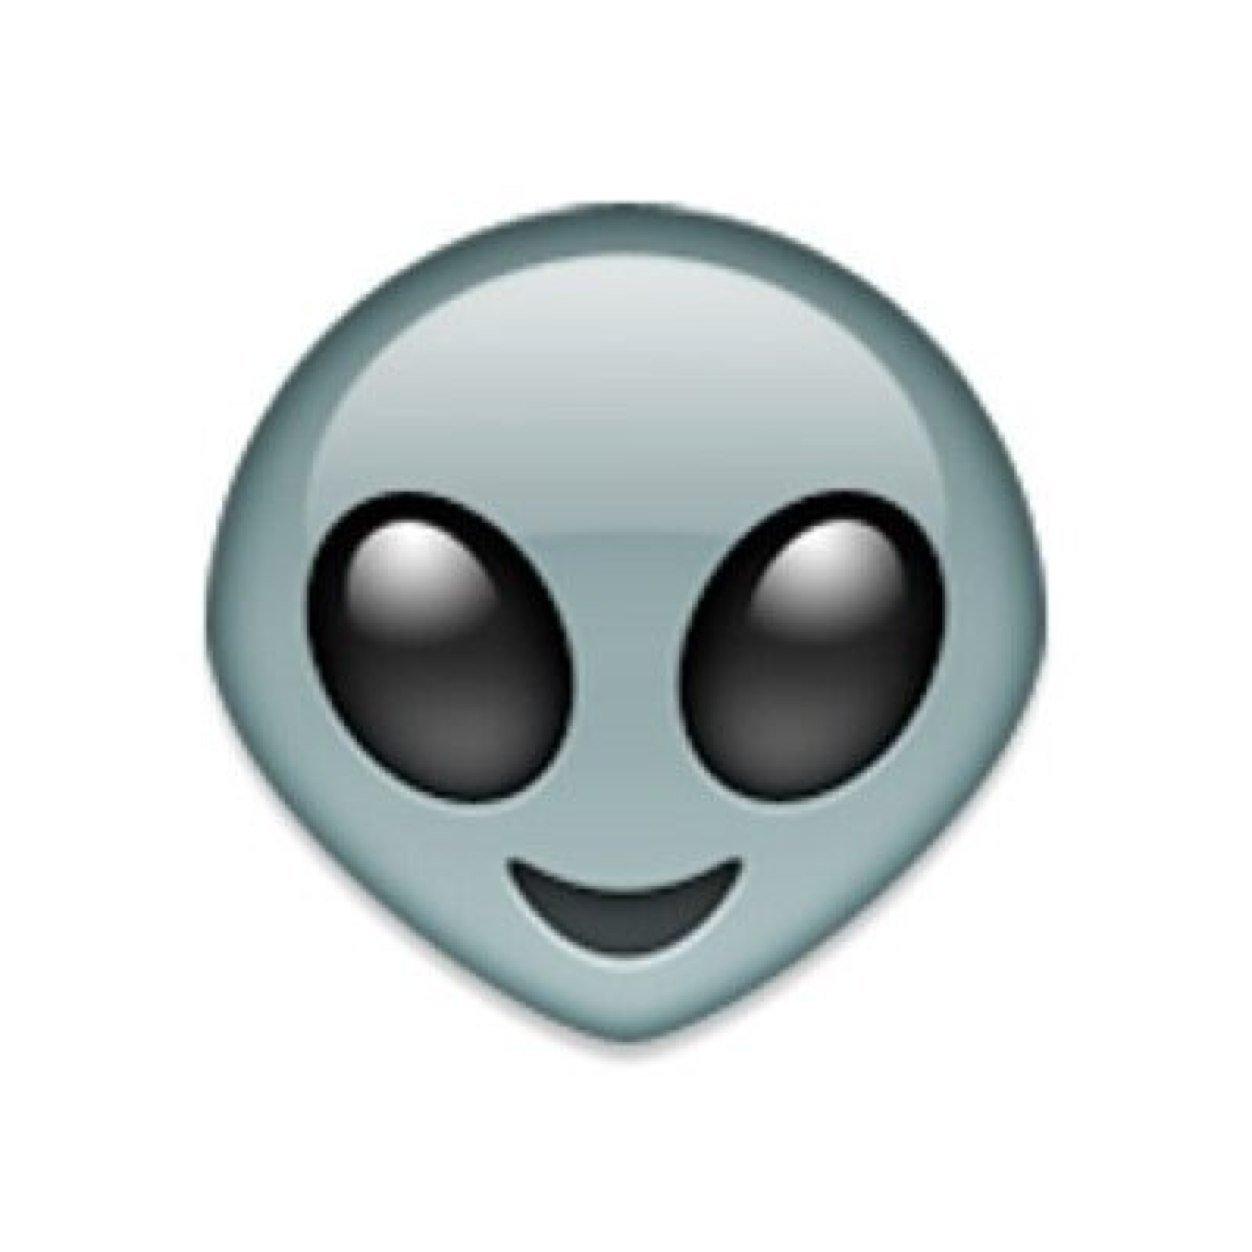 Alien Emoji At Beinwvsn Twitter